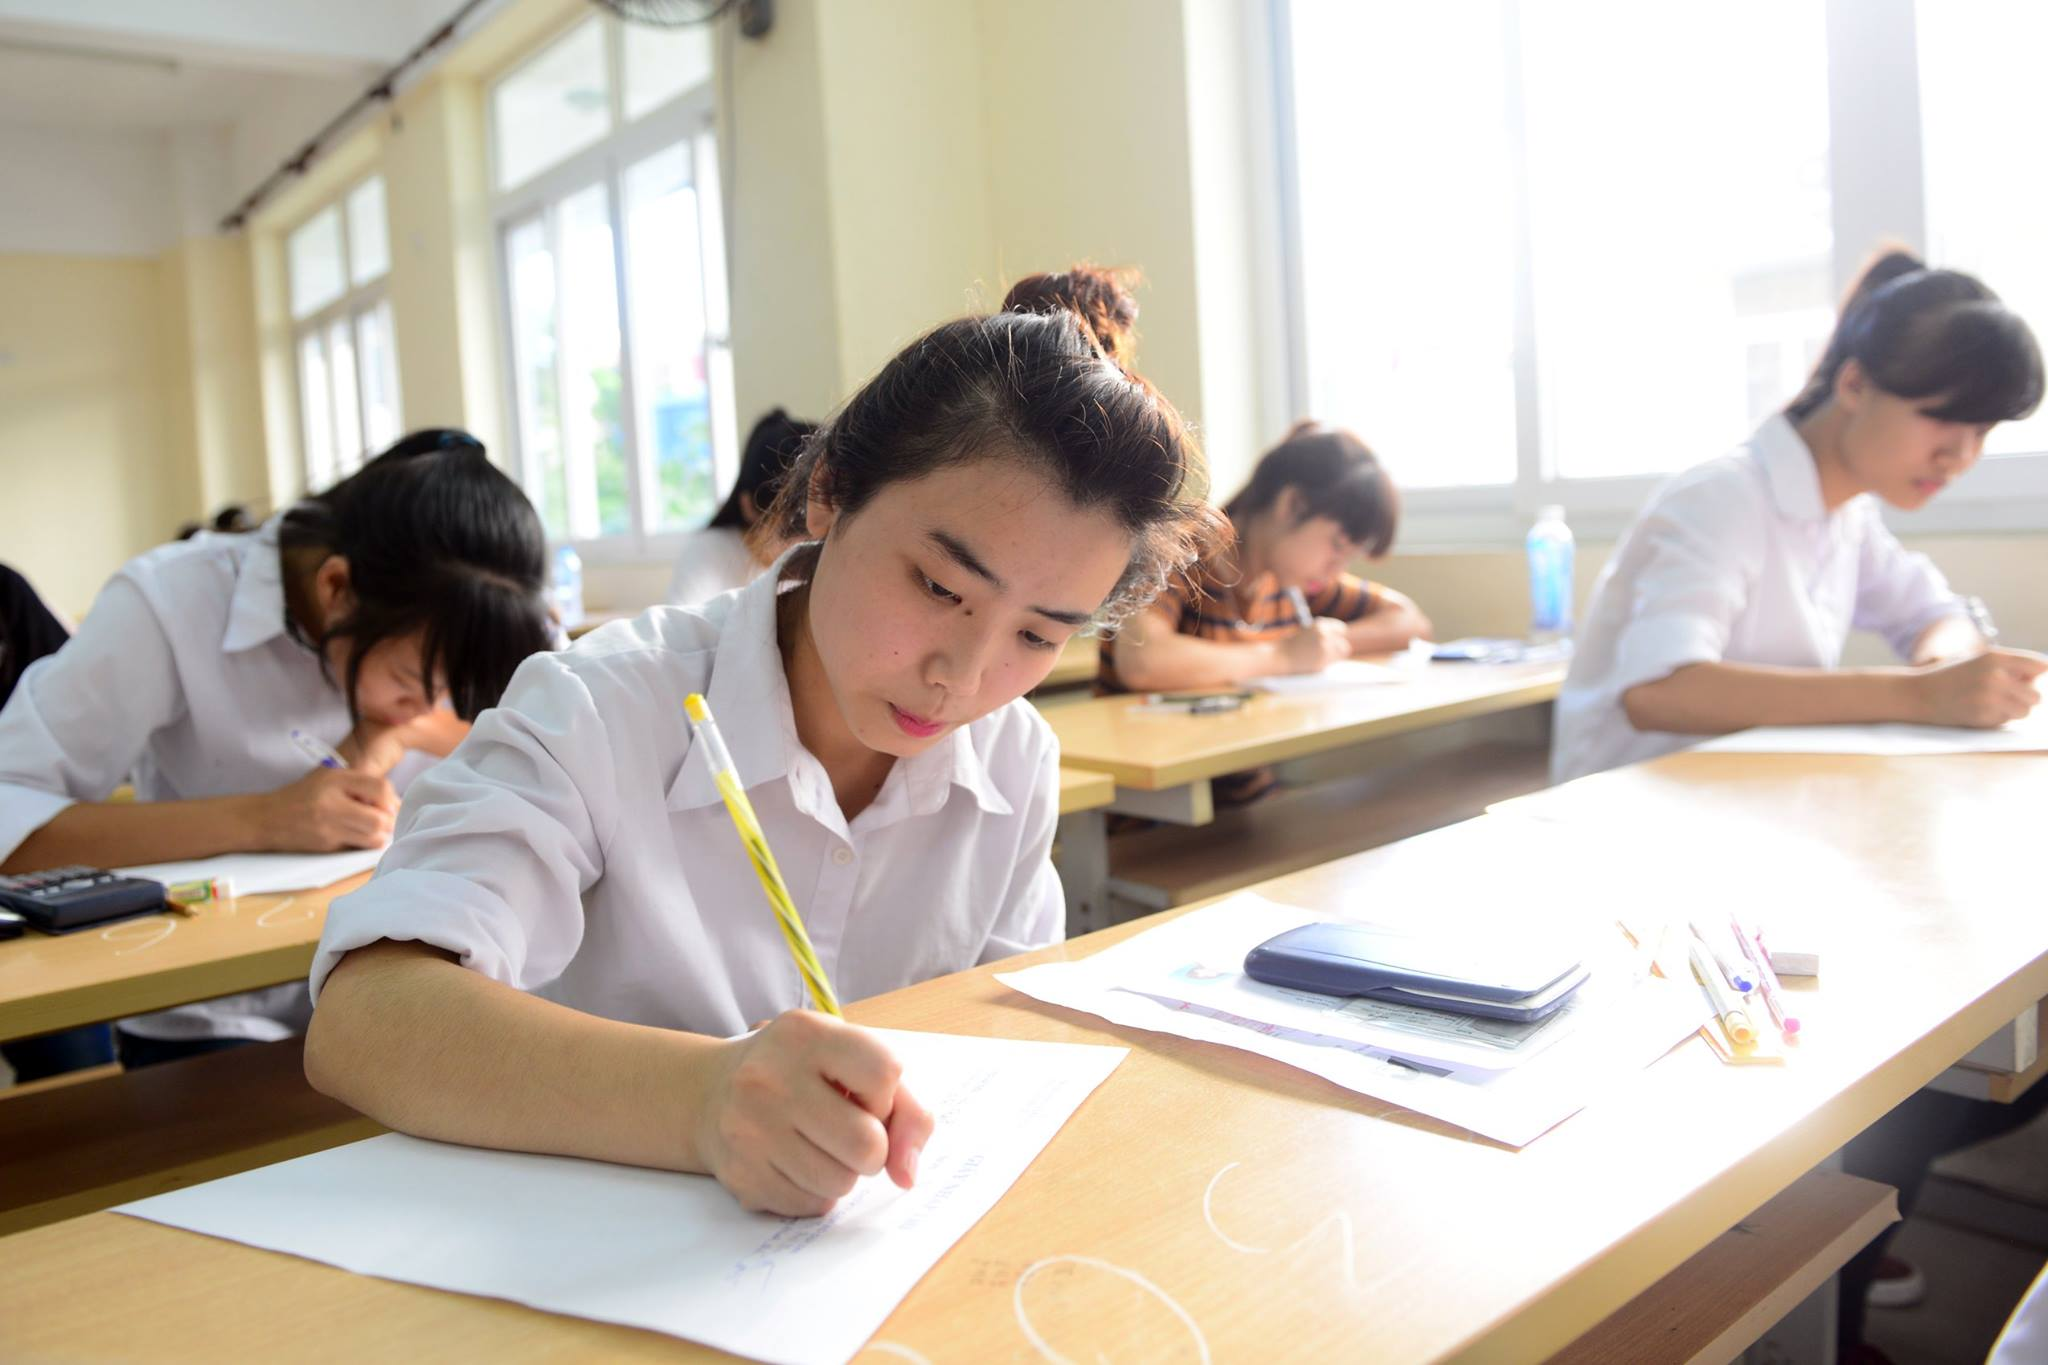 Phương pháp học tập hiệu quả rất quan trọng với quá trình luyện thi lớp 9.